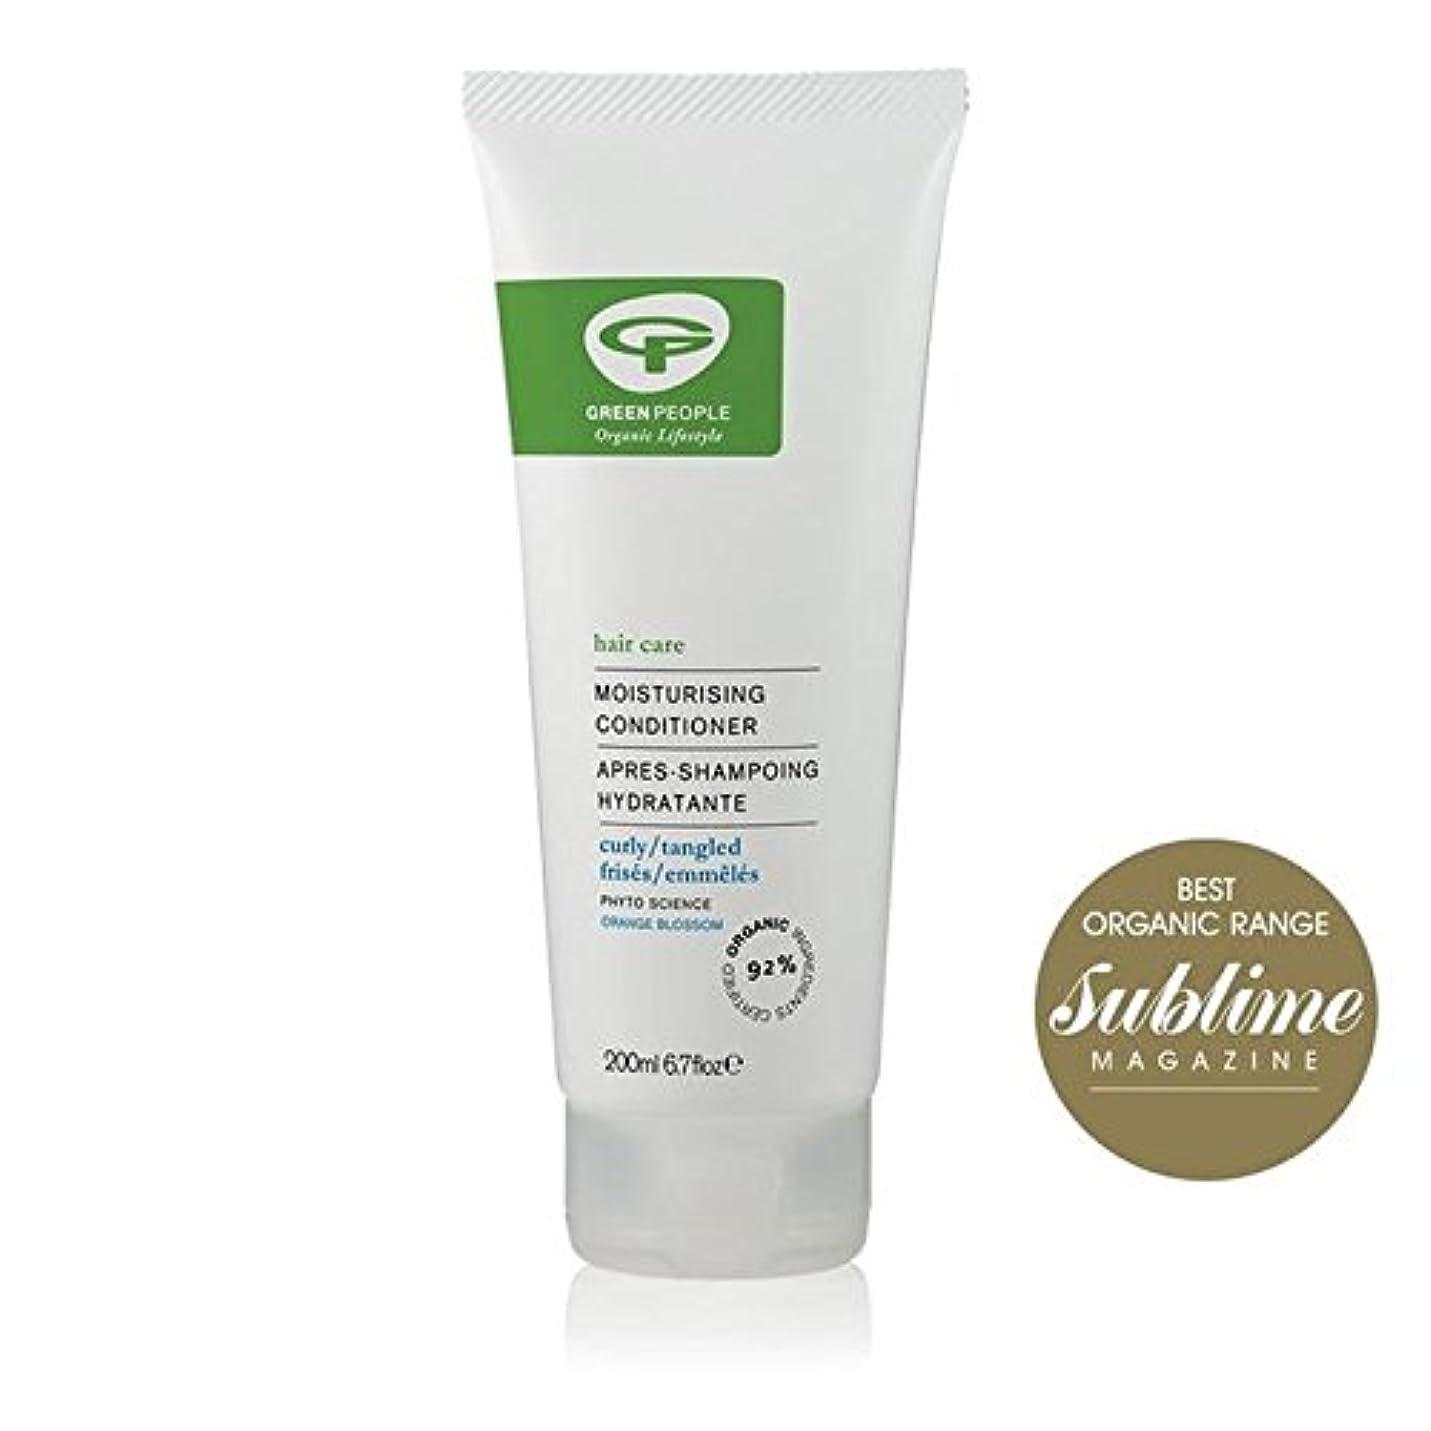 細胞床を掃除するトランスペアレント緑の人々の有機保湿コンディショナー200 x2 - Green People Organic Moisturising Conditioner 200ml (Pack of 2) [並行輸入品]